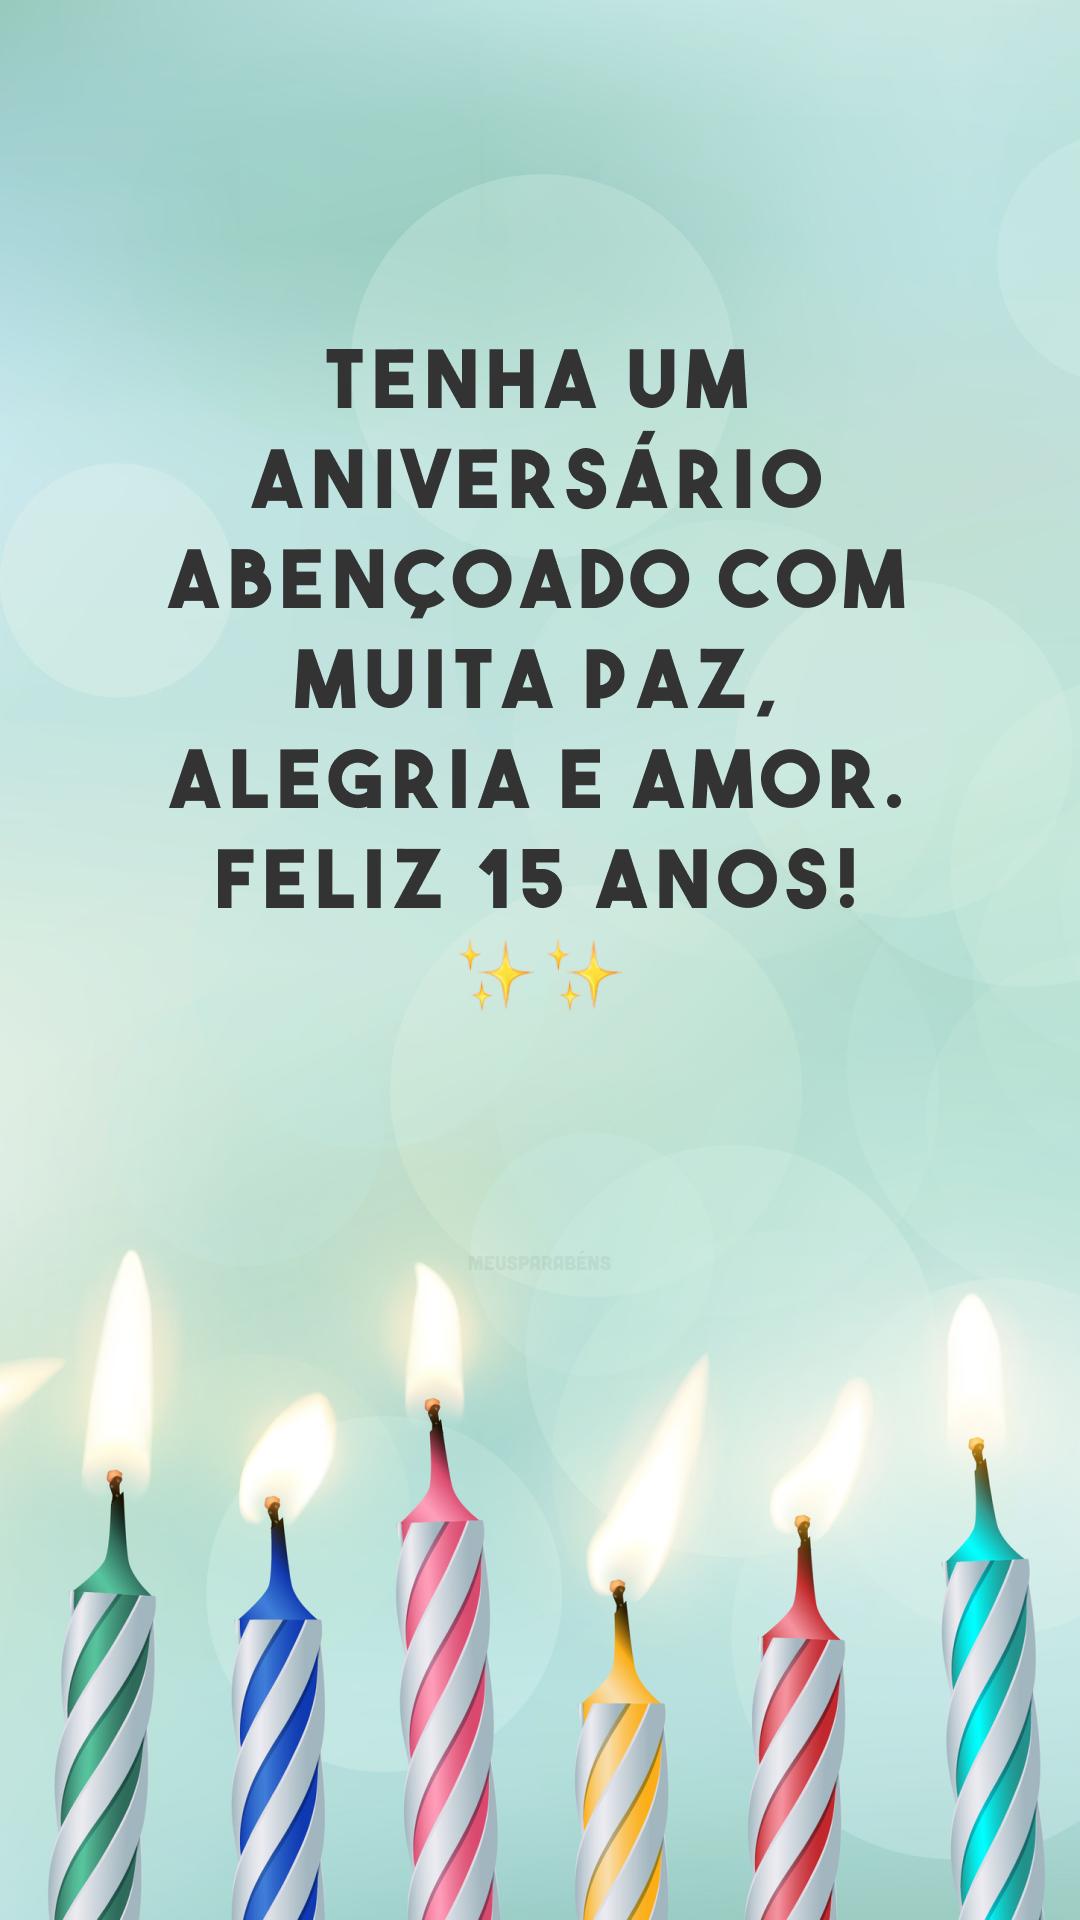 Tenha um aniversário abençoado com muita paz, alegria e amor. Feliz 15 anos! ✨✨